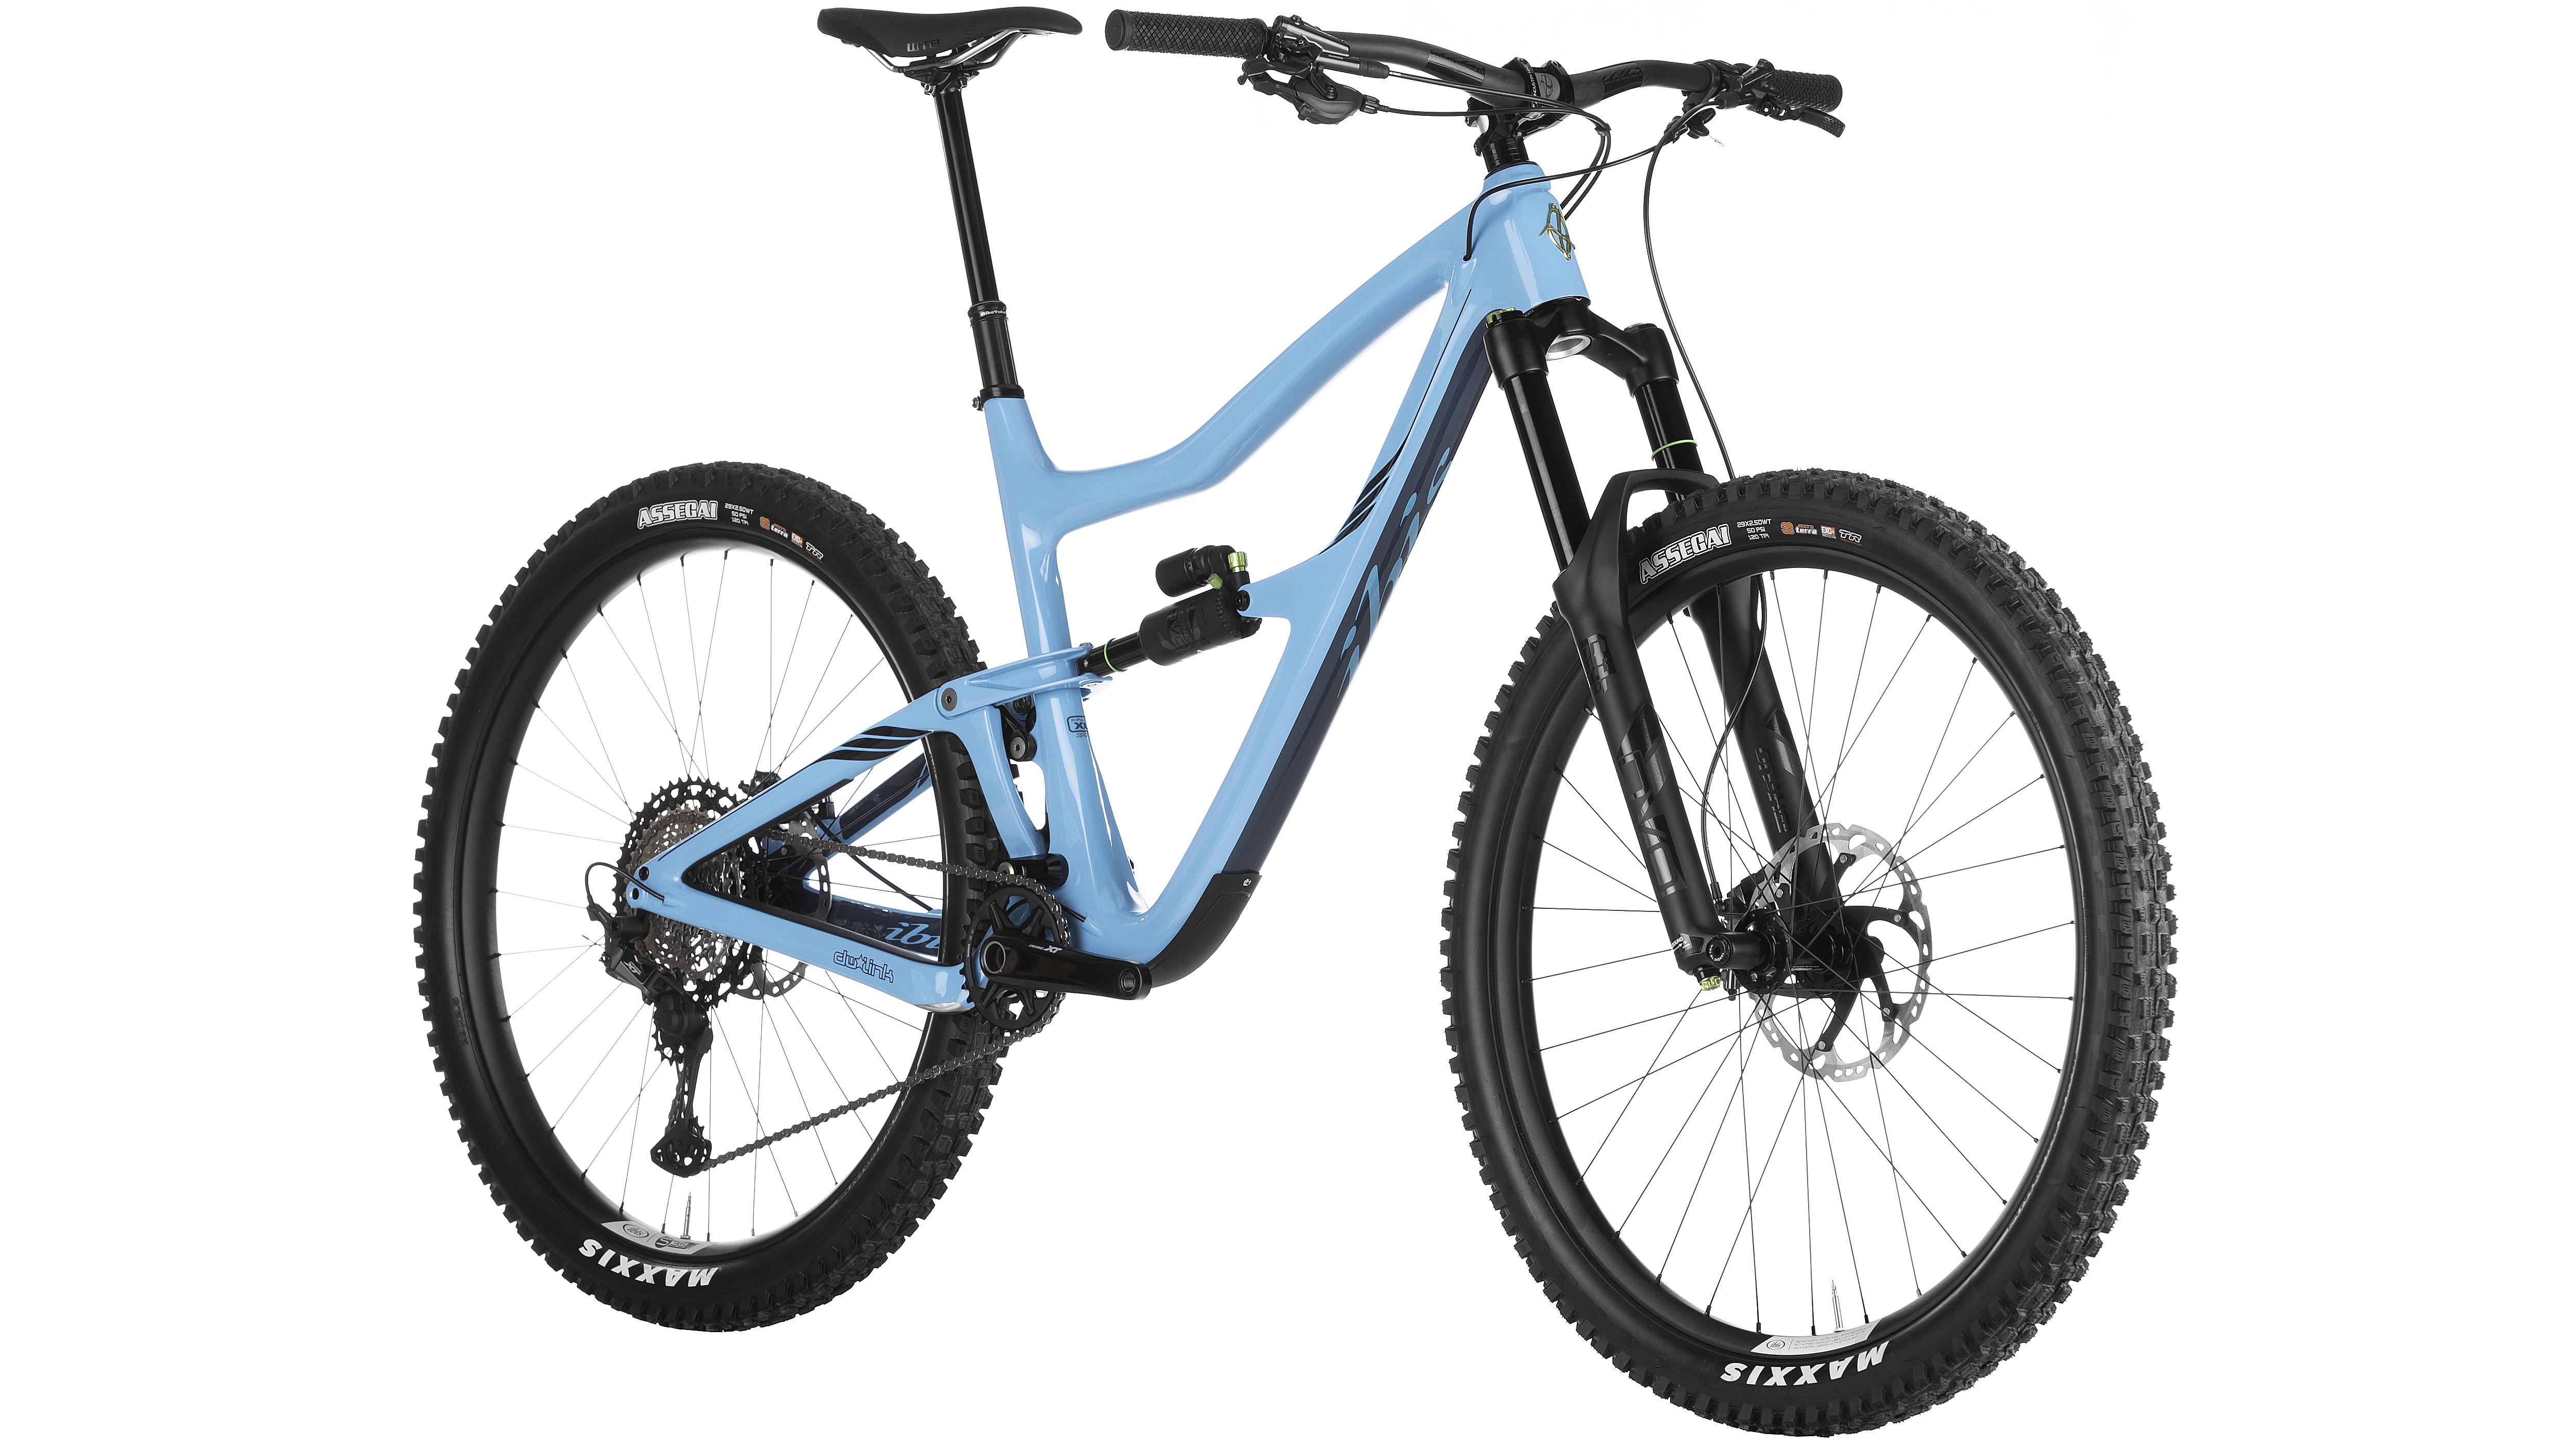 Cyan Ibis Ripmo mountain bicycle